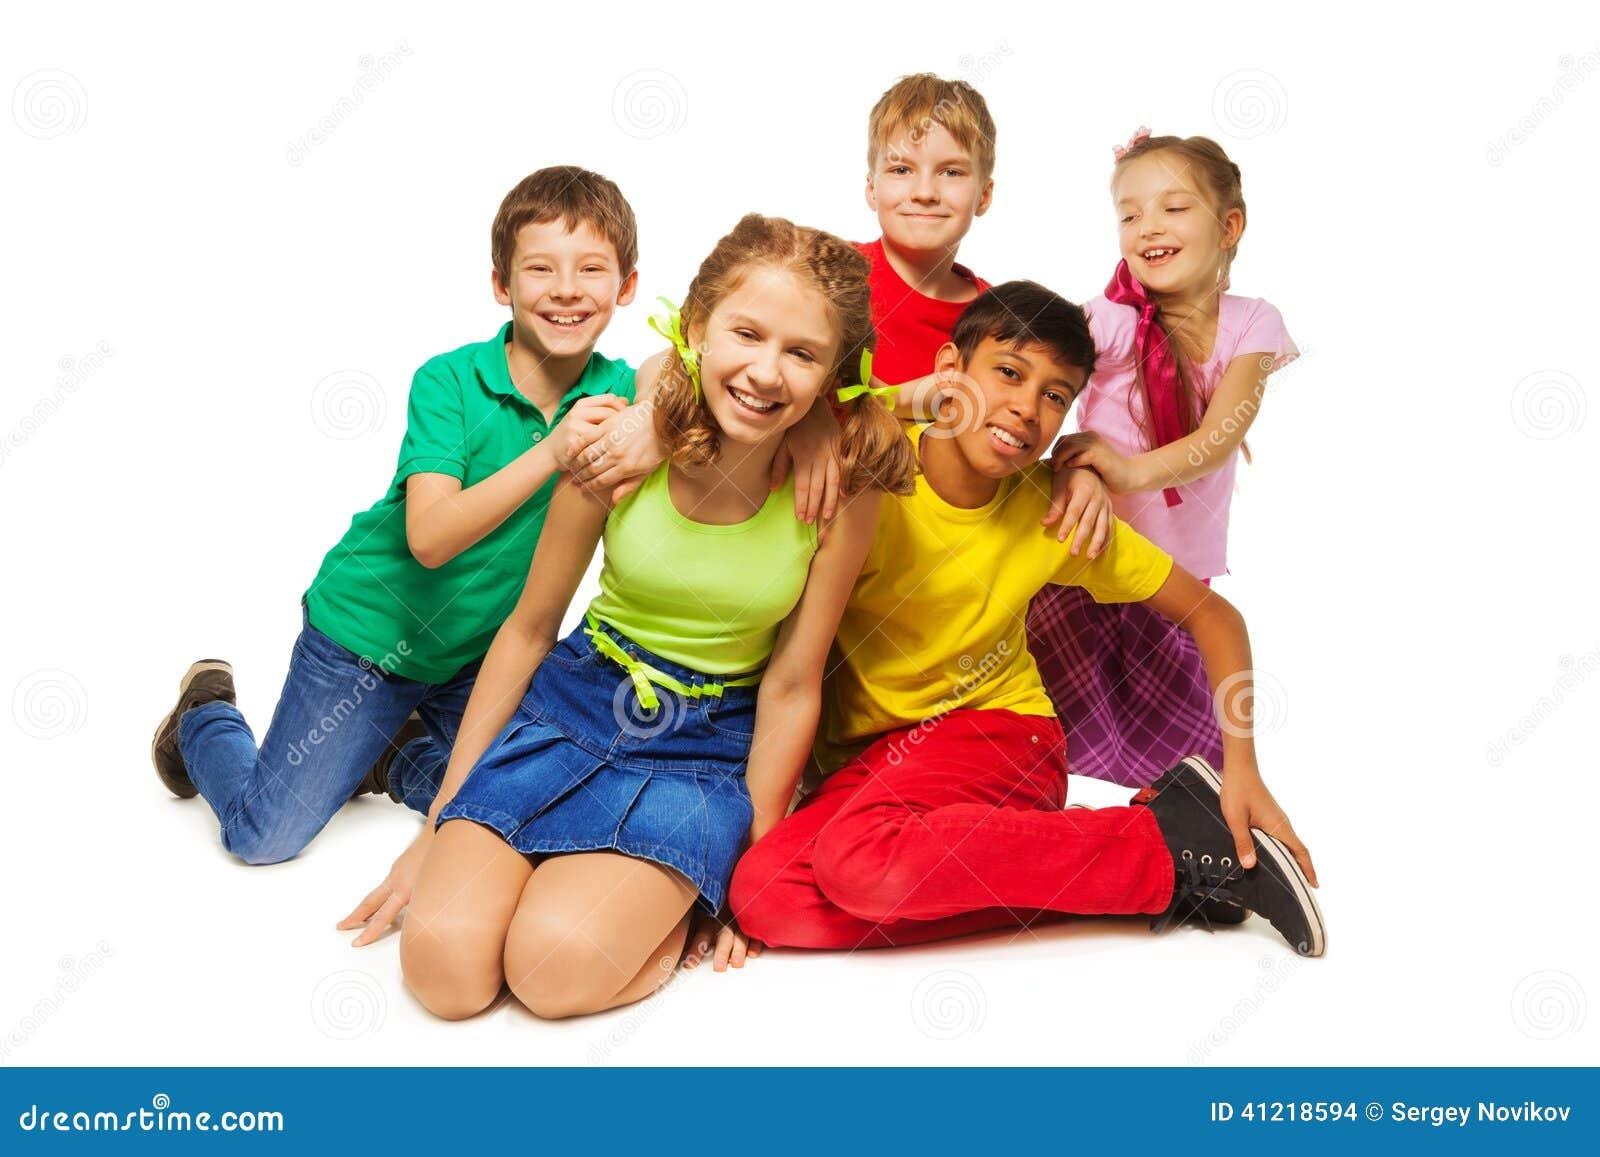 lachende kinder die zusammen auf dem boden sitzen stockfoto bild 41218594. Black Bedroom Furniture Sets. Home Design Ideas